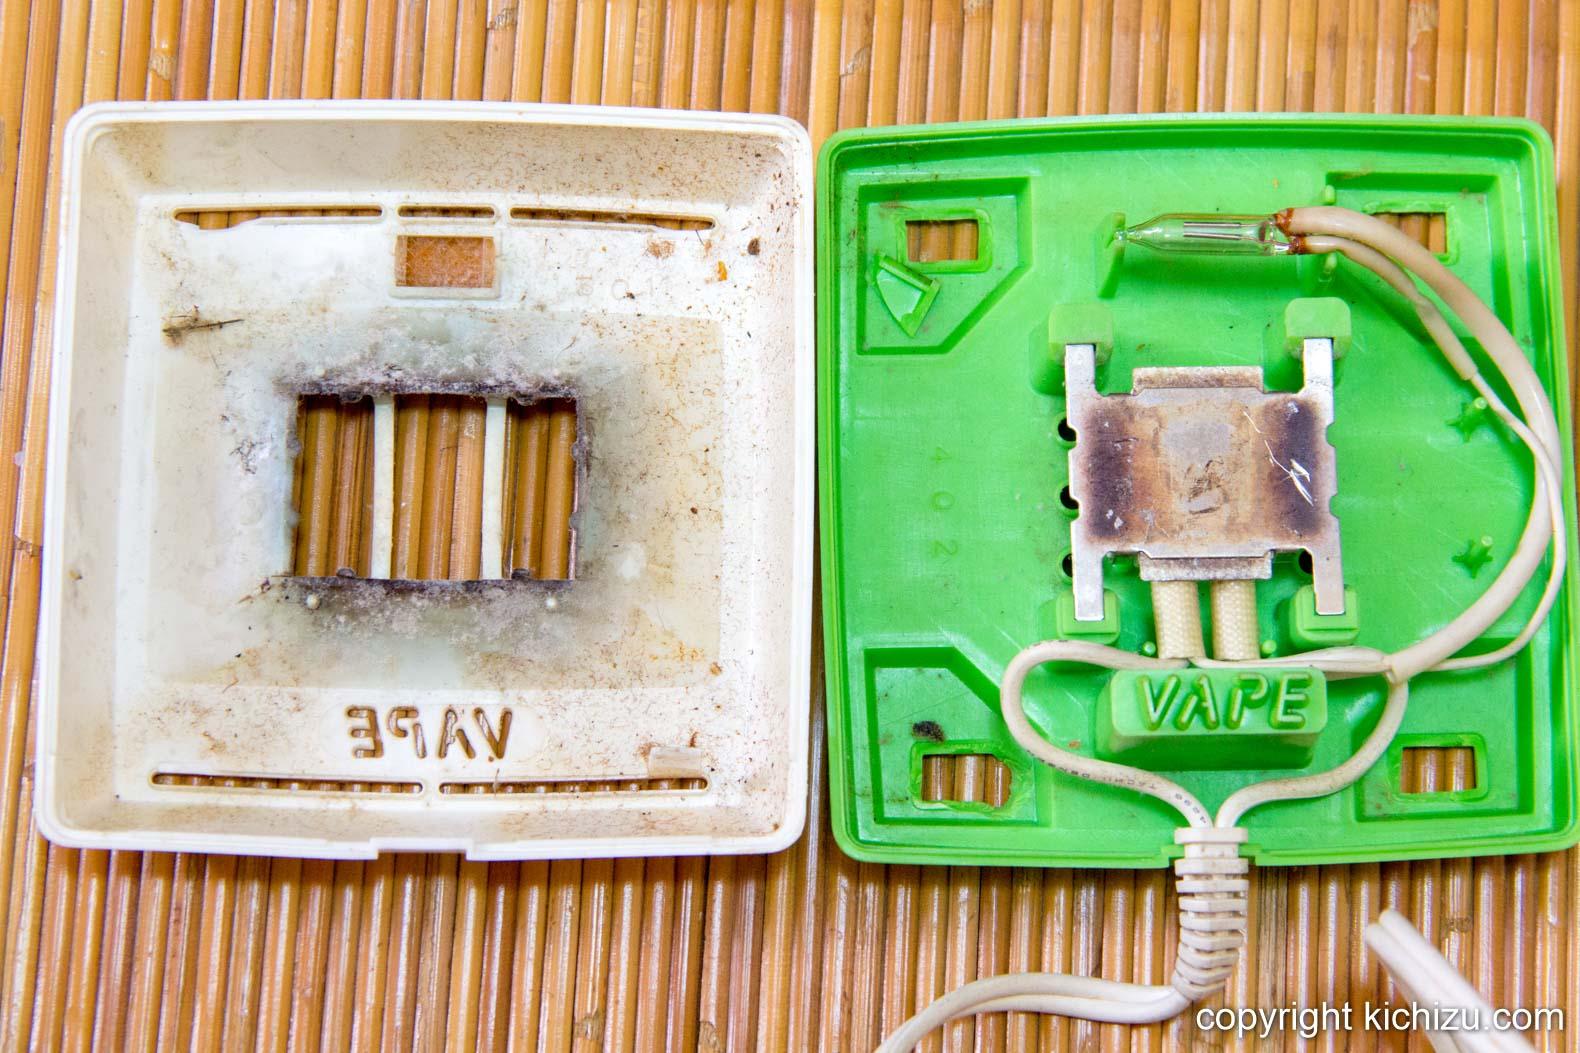 ベープ 電子蚊取りマット正方形型を分解した様子